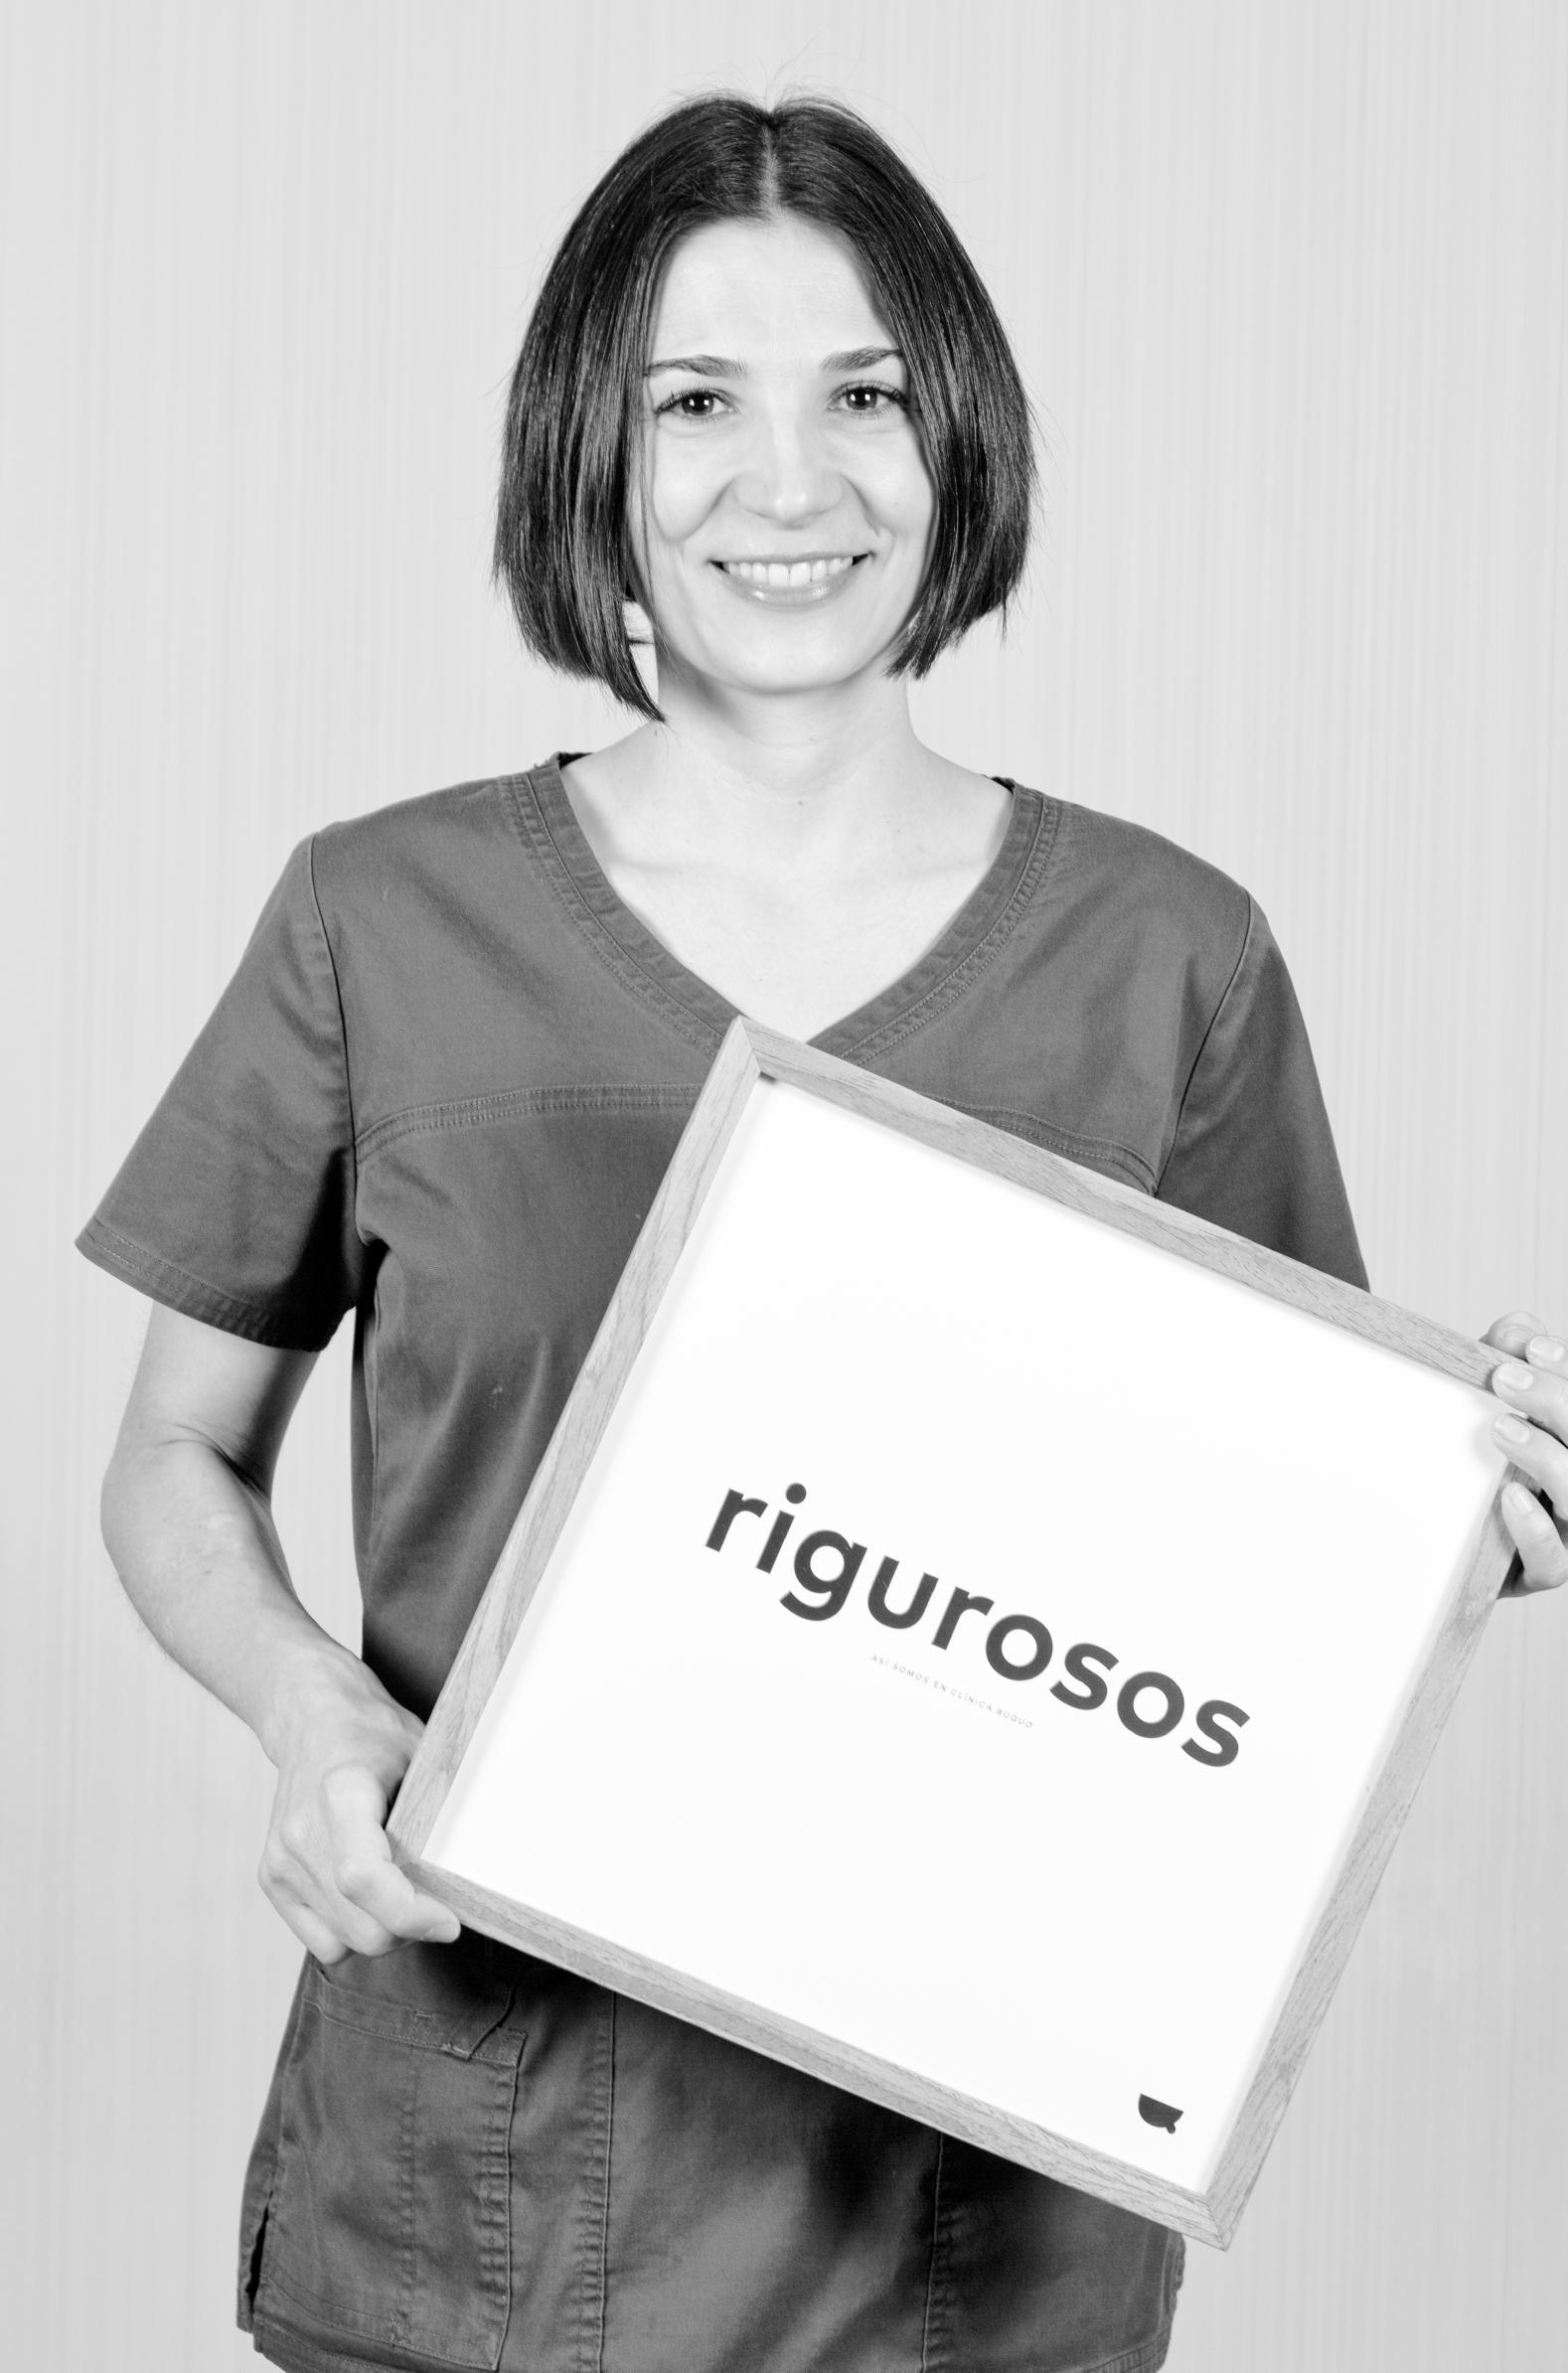 Dra. Silvia Álvarez - Es licenciada en Odontología por la Universidad del País Vasco y cuenta con una extensa trayectoria. Su campo de especialidad se desarrolla en protesis y rehabilitación oral para mejorar la calidad de vida de sus pacientes y devolverles su mejor sonrisa.